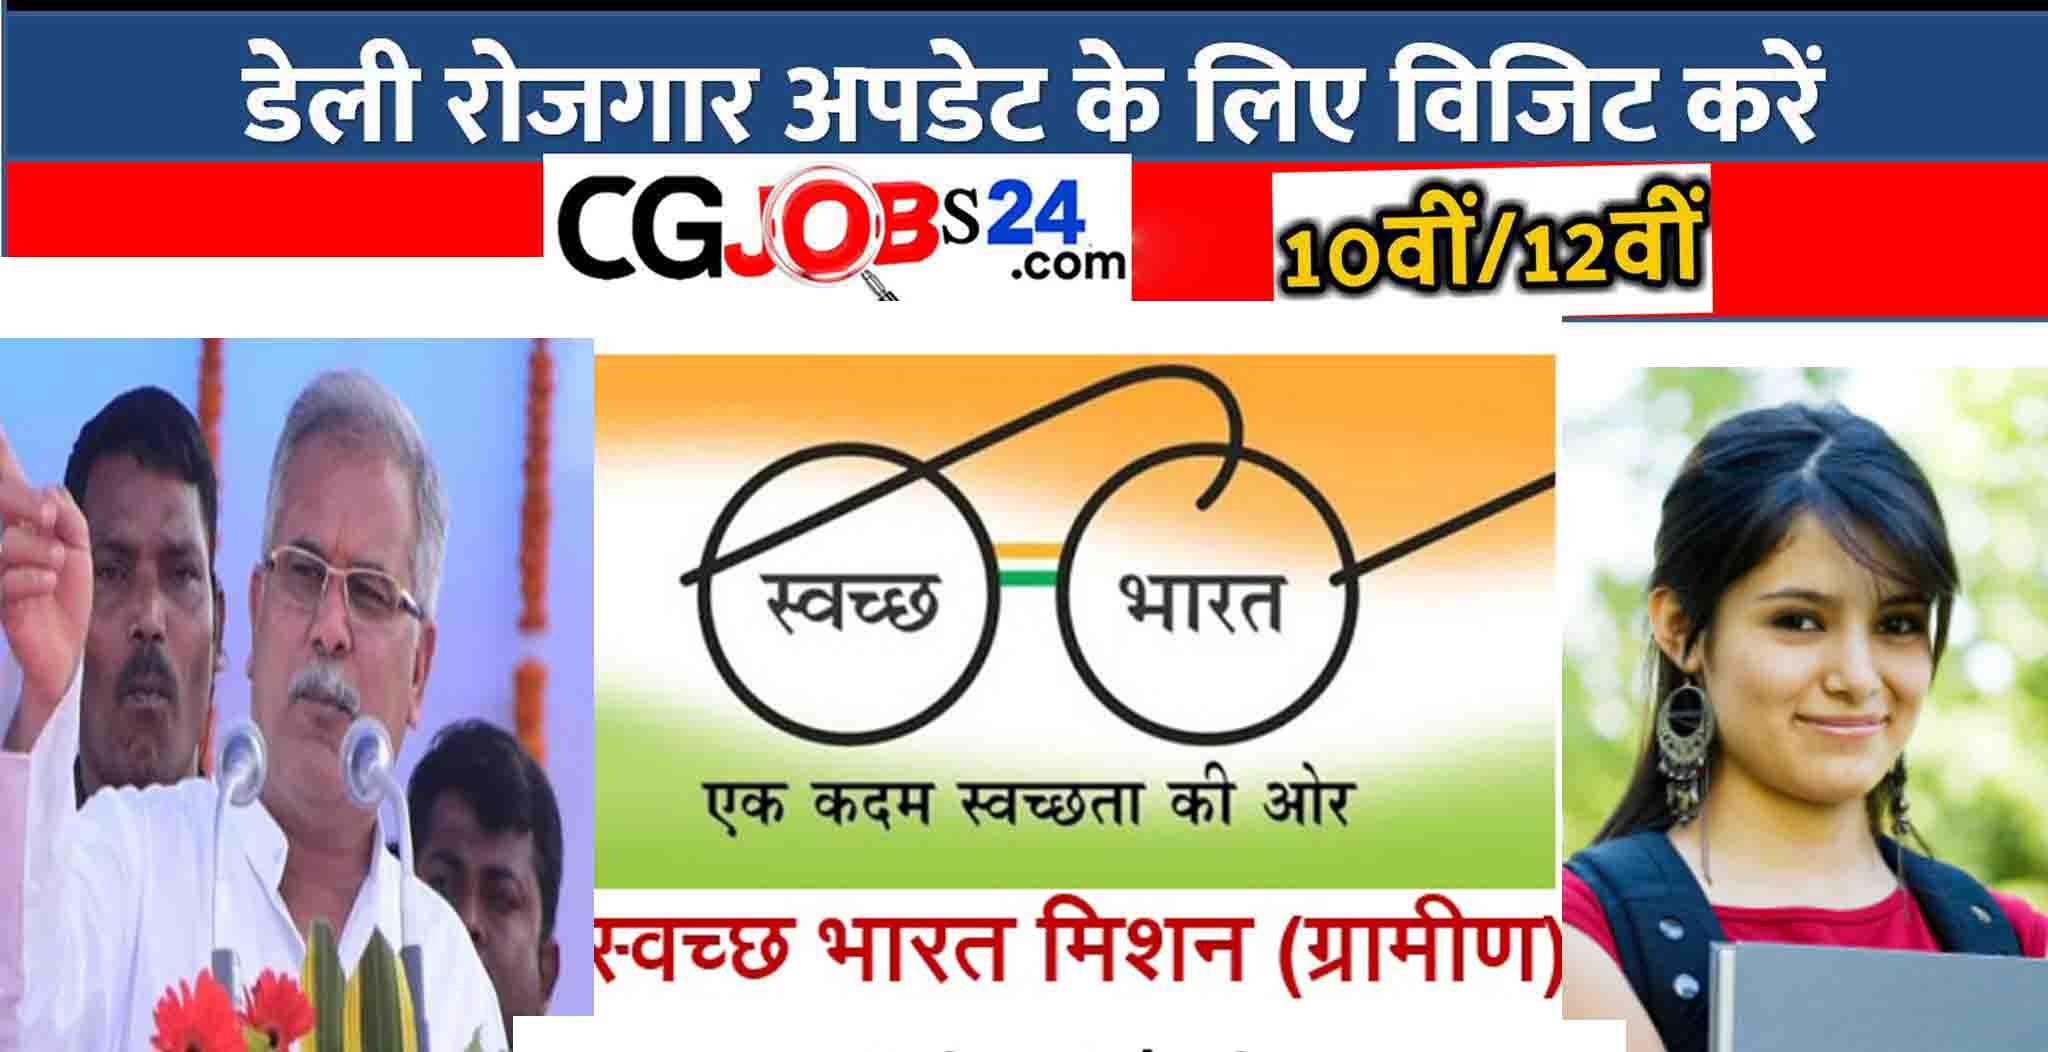 CG Rajya Swachh Bharat Mission Gramin Vacancies 2020 के लिए कक्ष 10वीं परीक्षा उत्तीर्ण एवं मान्यता प्राप्त संस्था